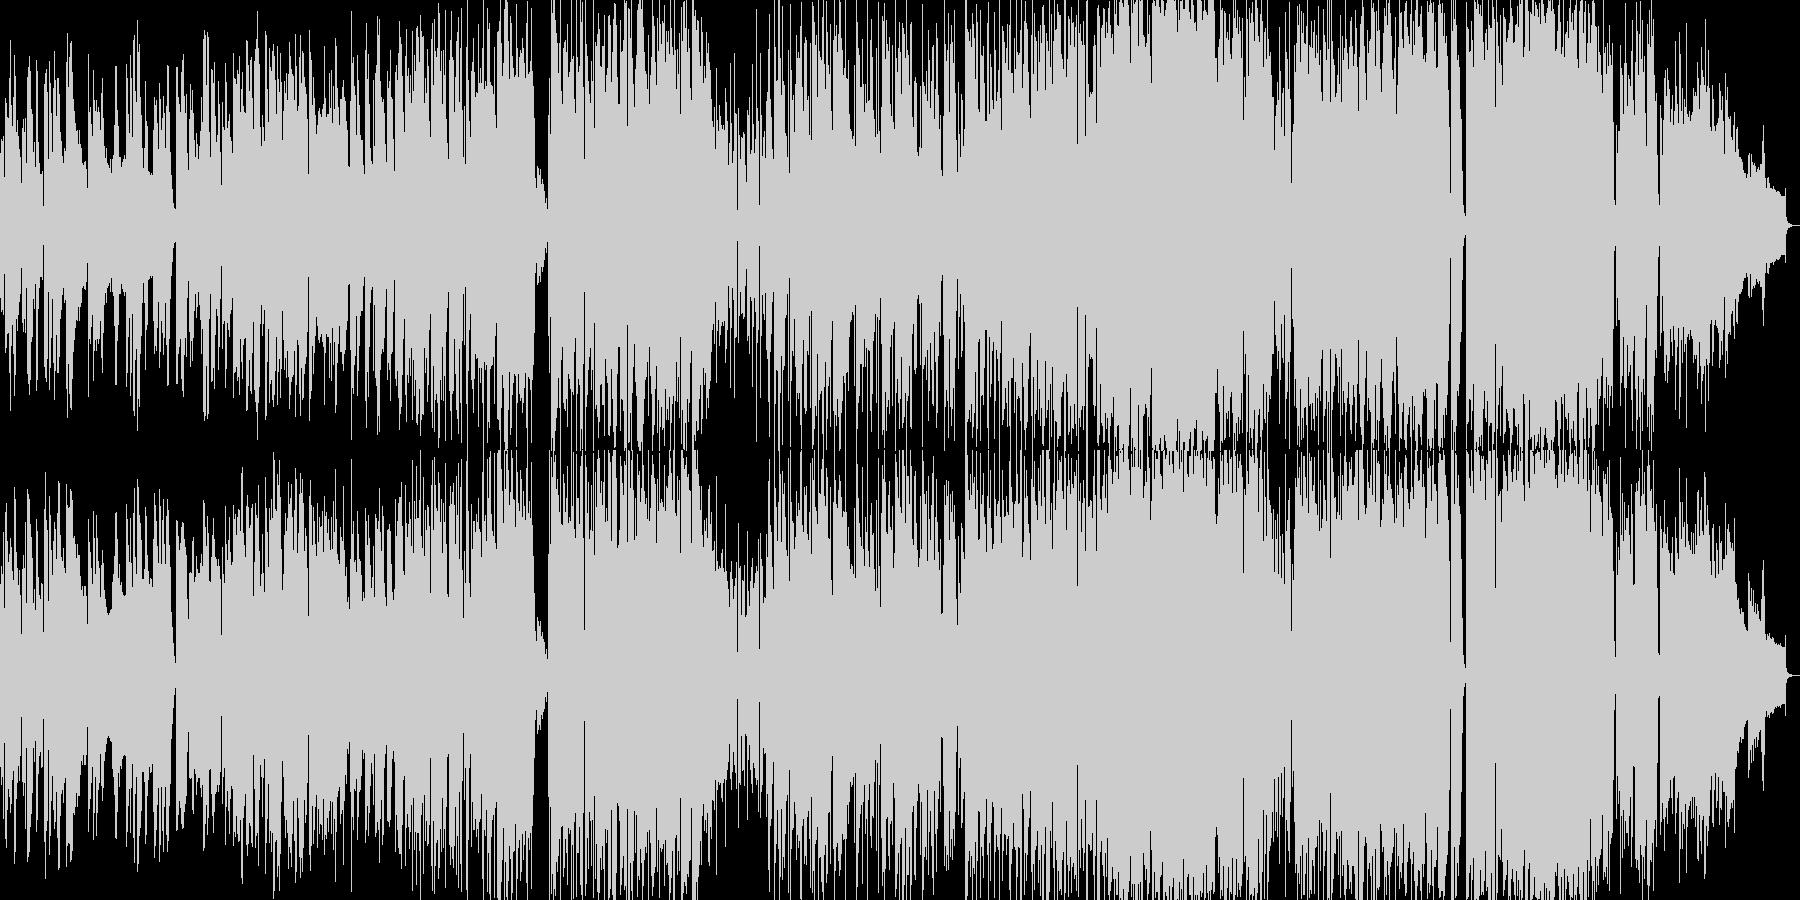 サックス旋律の大人なラウンジミュージックの未再生の波形